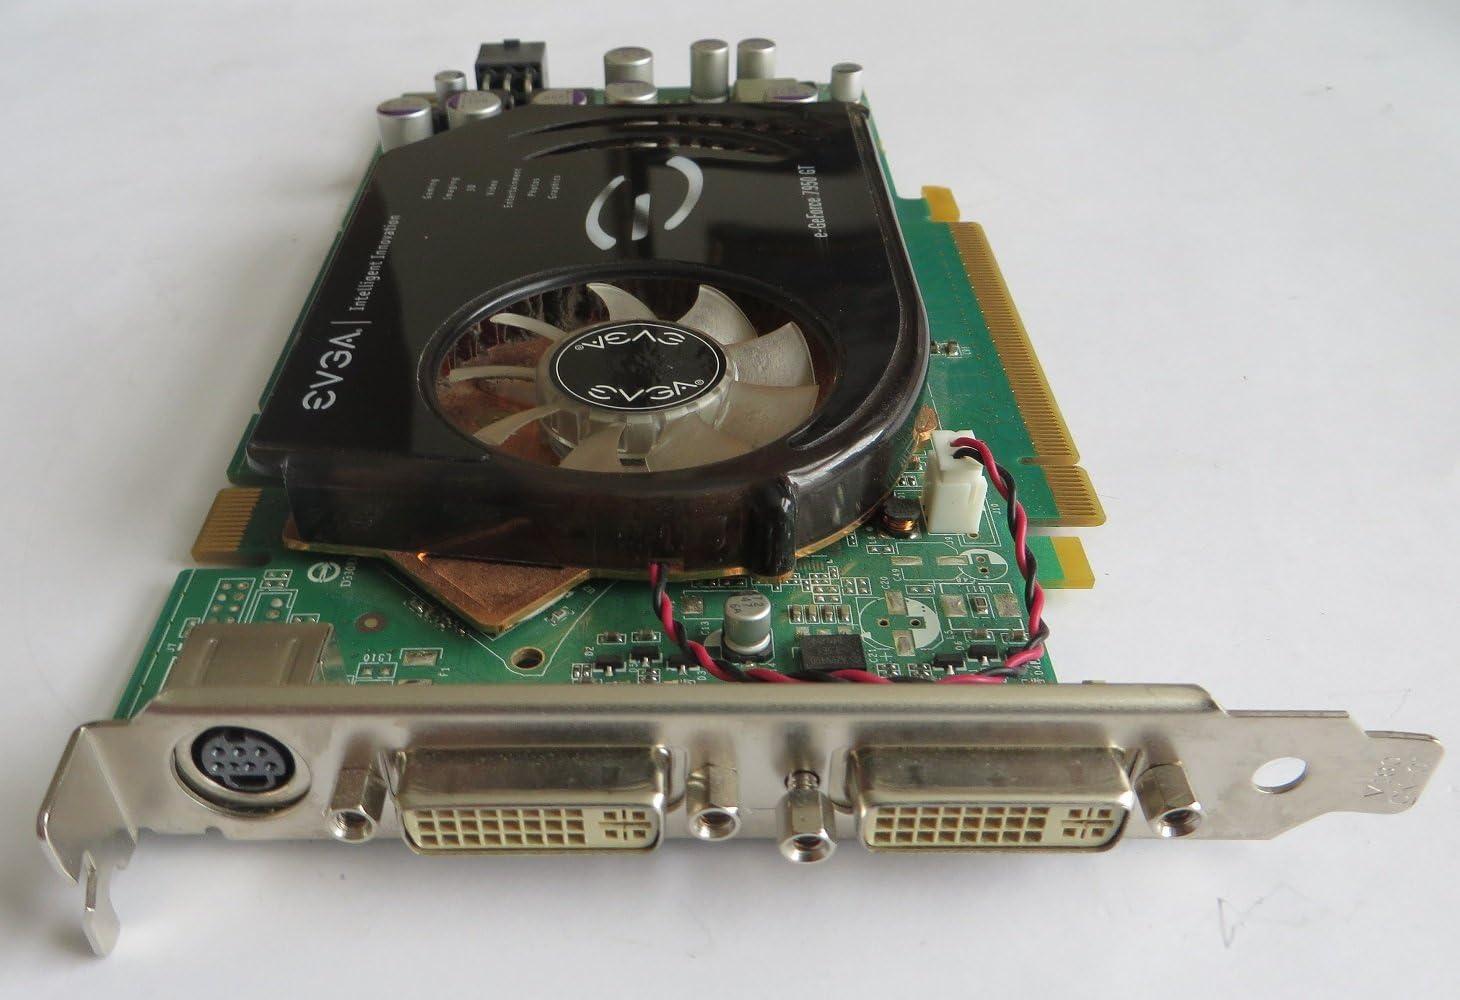 Geforce 7950GT 512MB Pcie